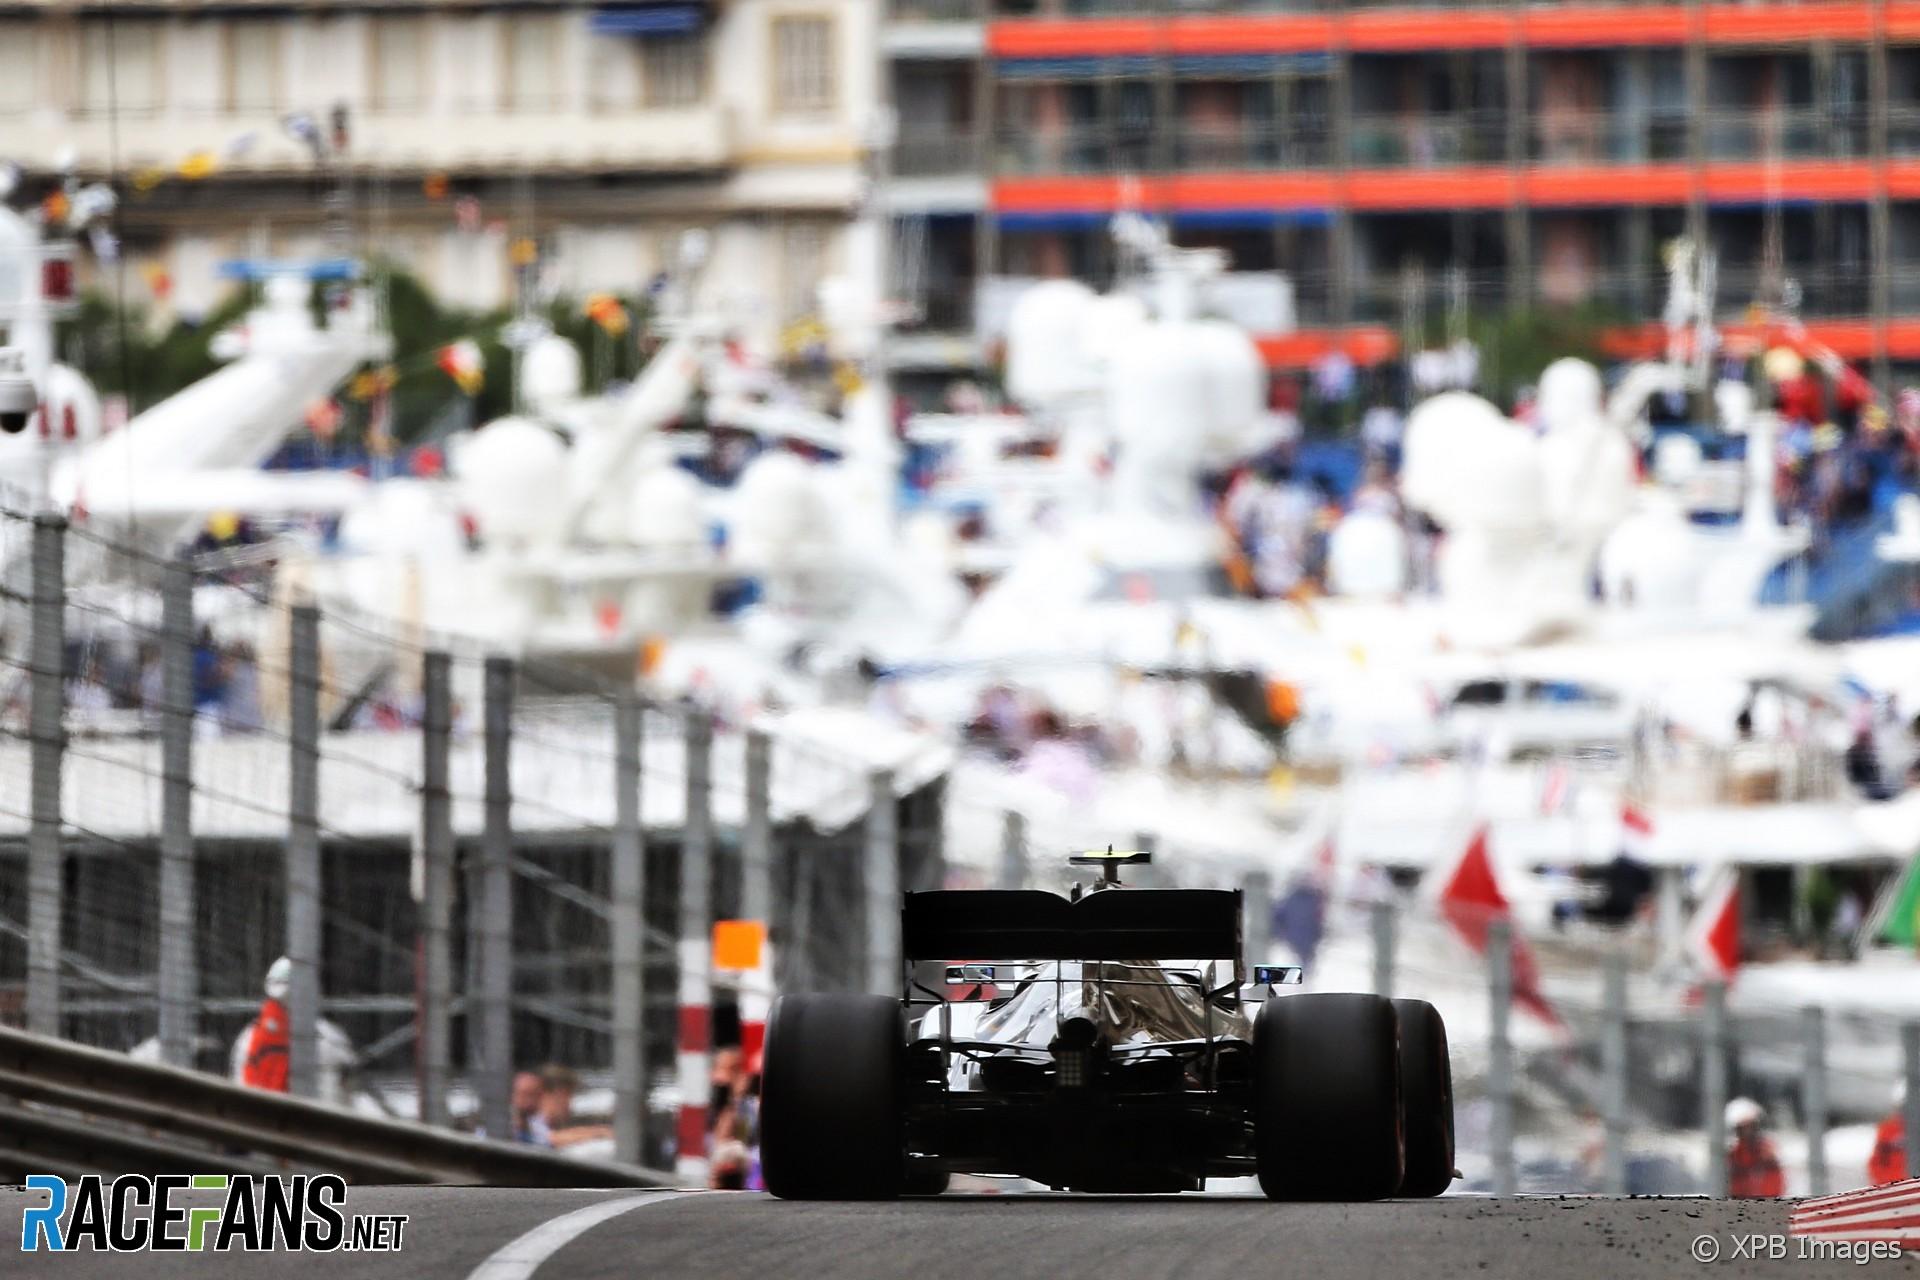 racefansdotnet-20190523-141218-7.jpg